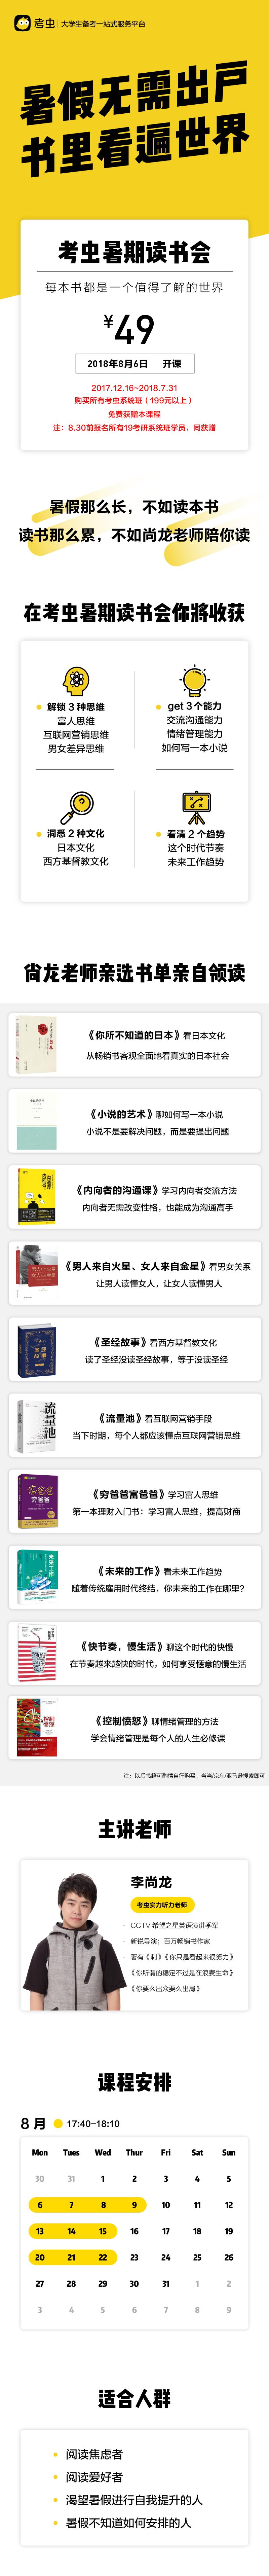 尚龙暑期读书会_画板 1.png